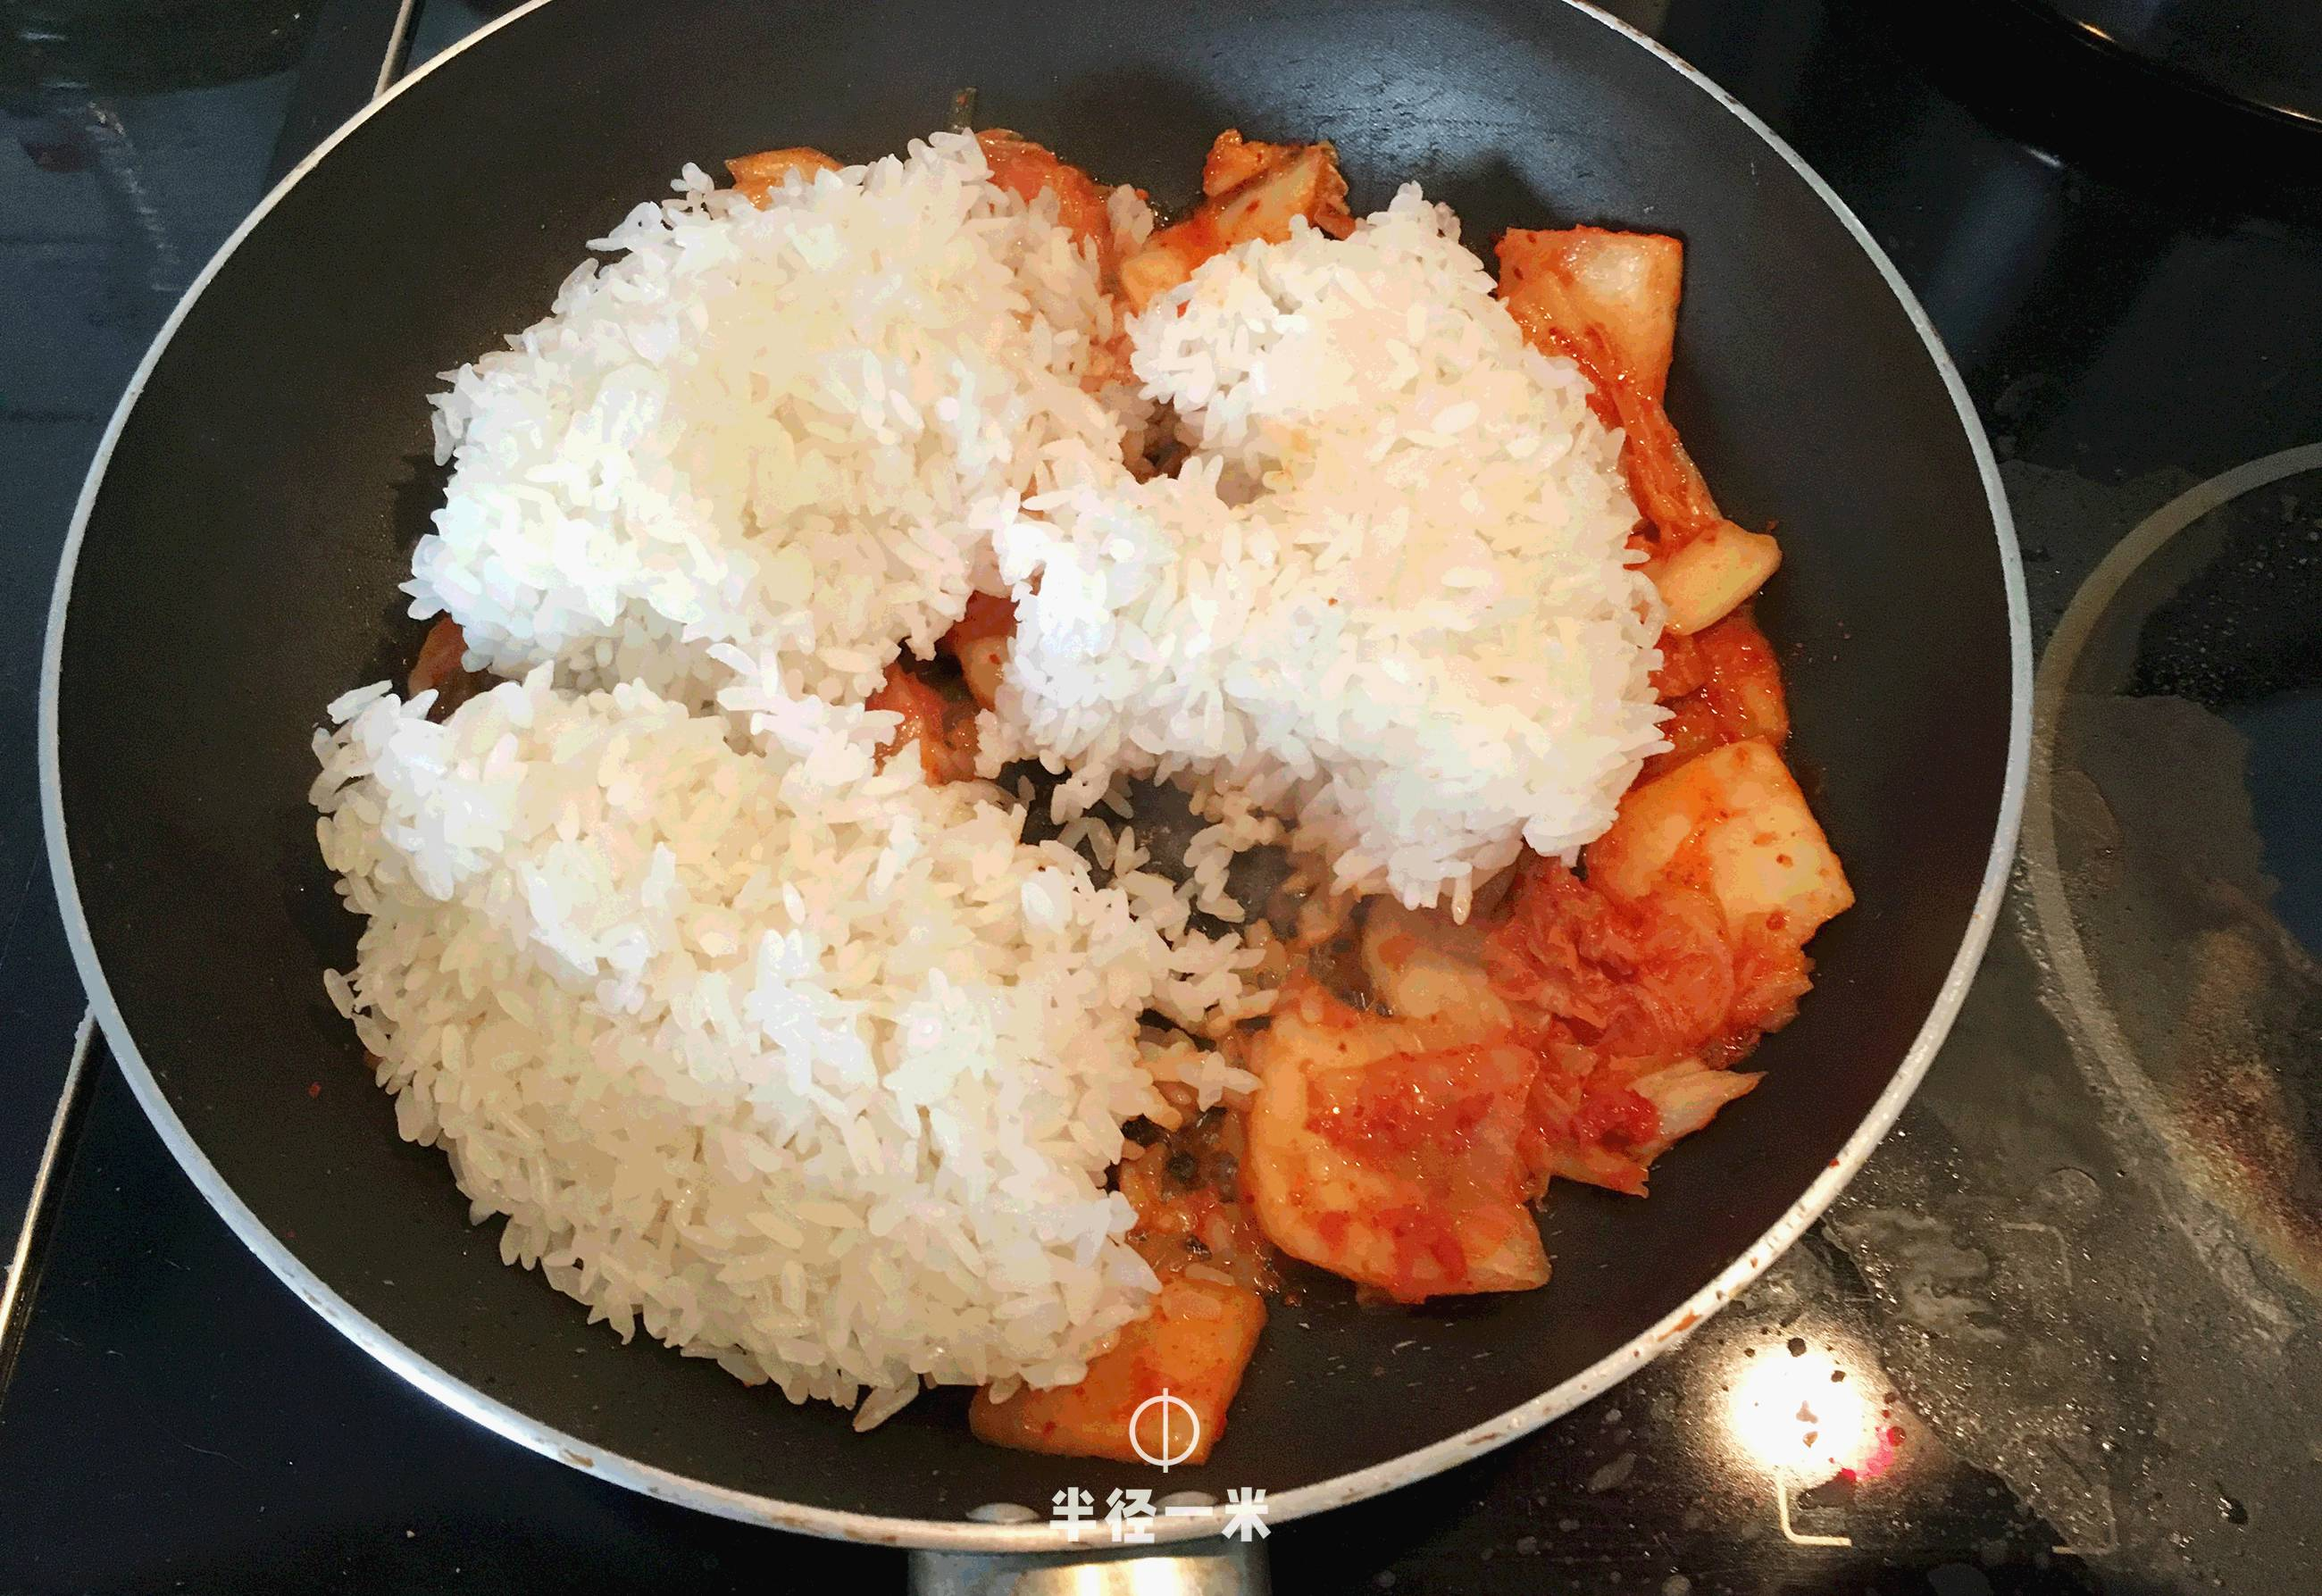 隔夜饭能吃_△ 隔夜饭入锅,用勺子铲碎炒匀,加一点点水稍微焖一下.